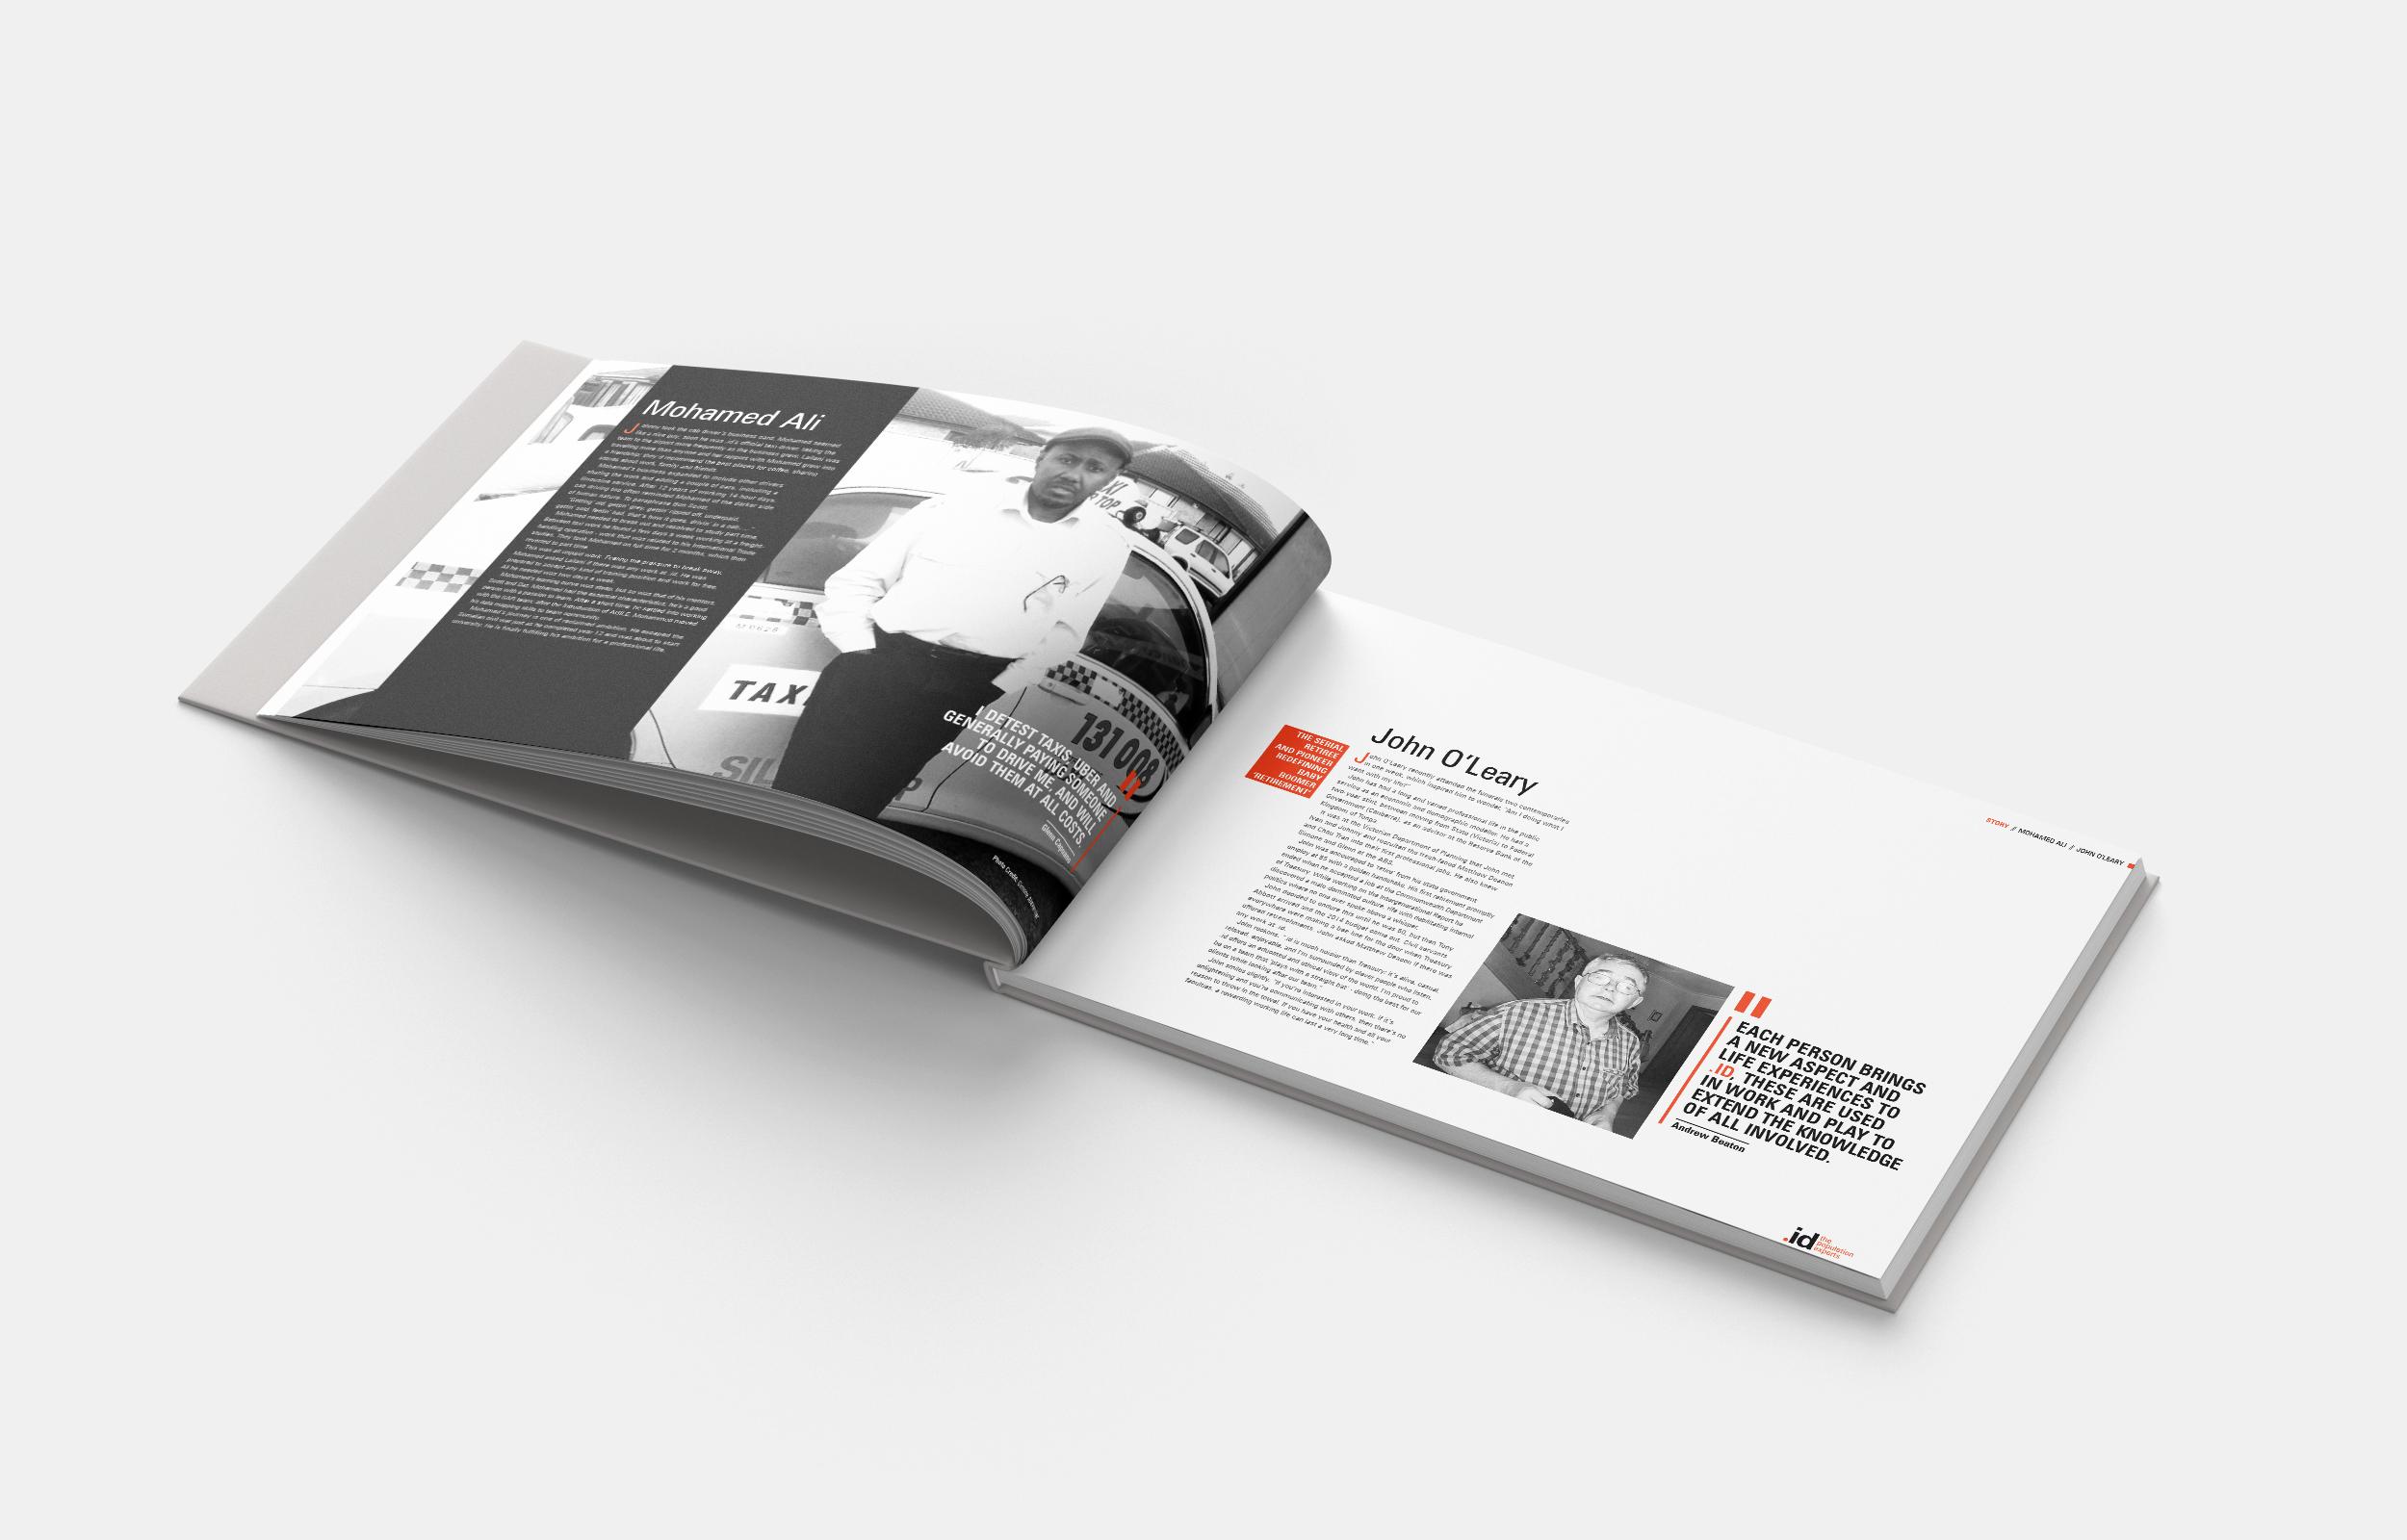 idbook_pg024-Profile Stories_d1-mock.jpg